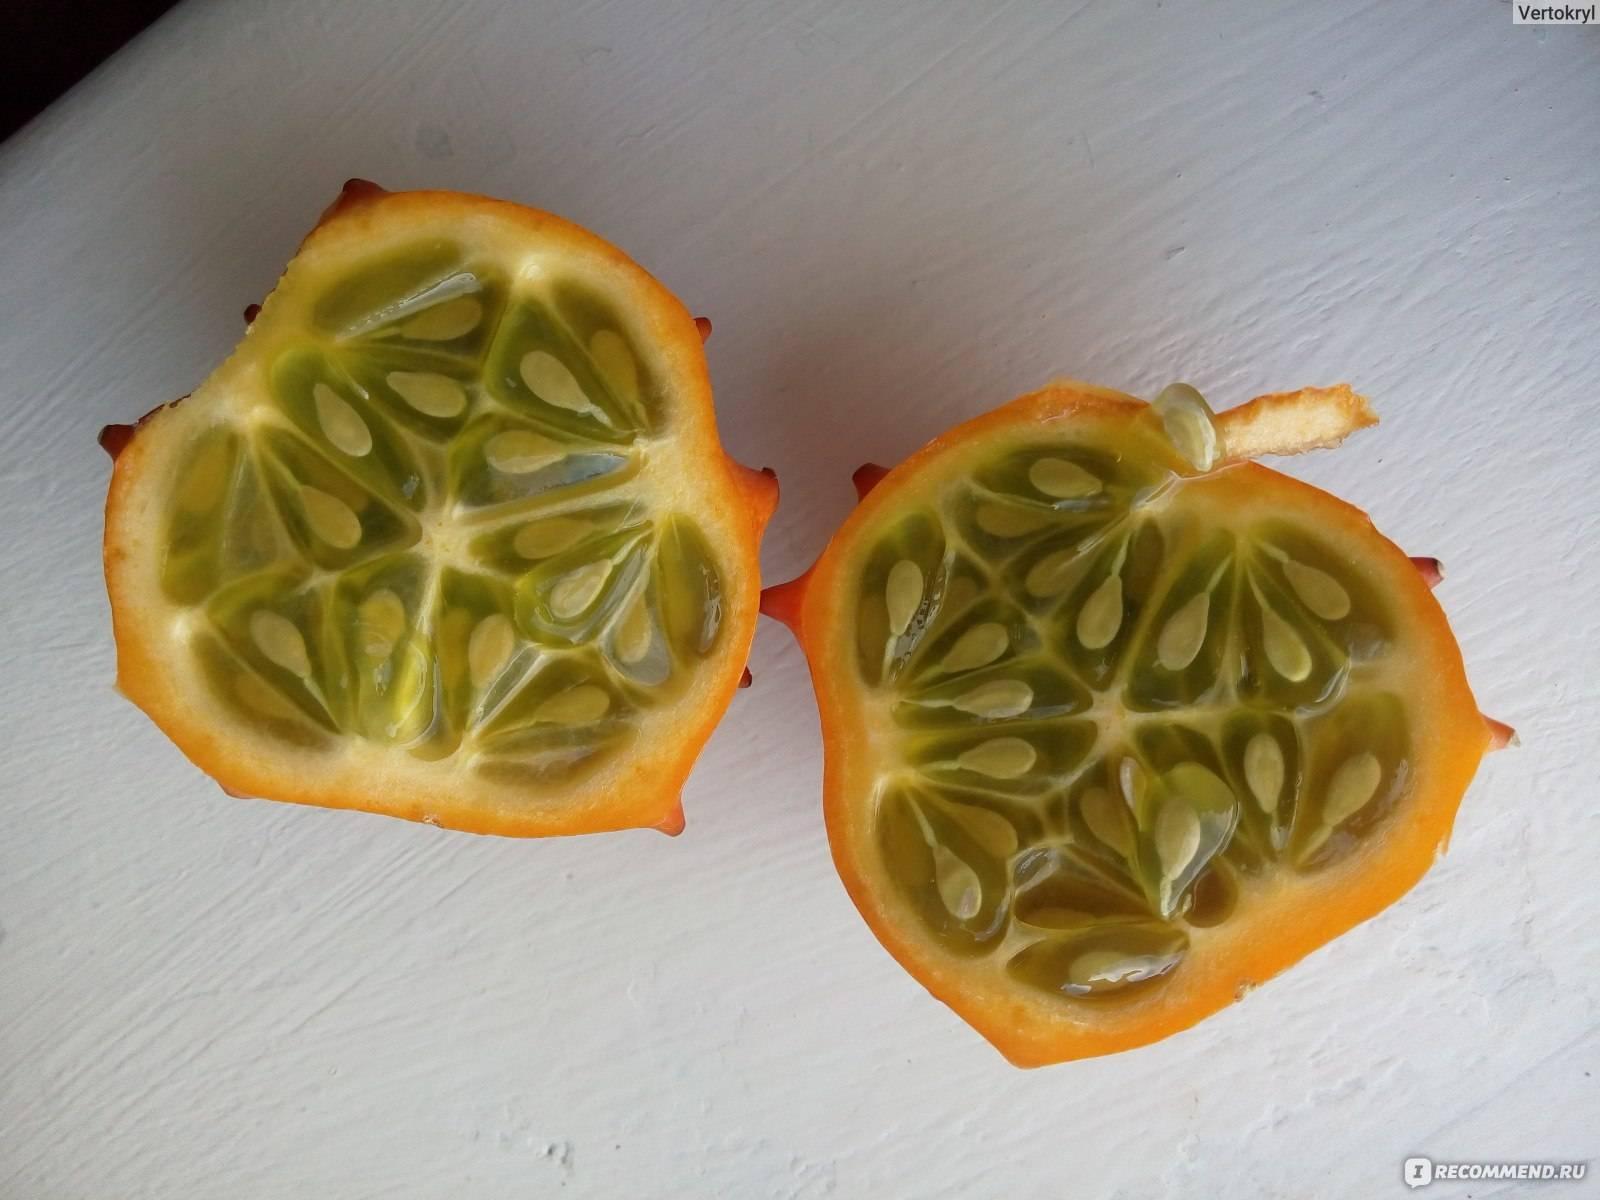 Кивано фрукт: его особенности, советы по употреблению